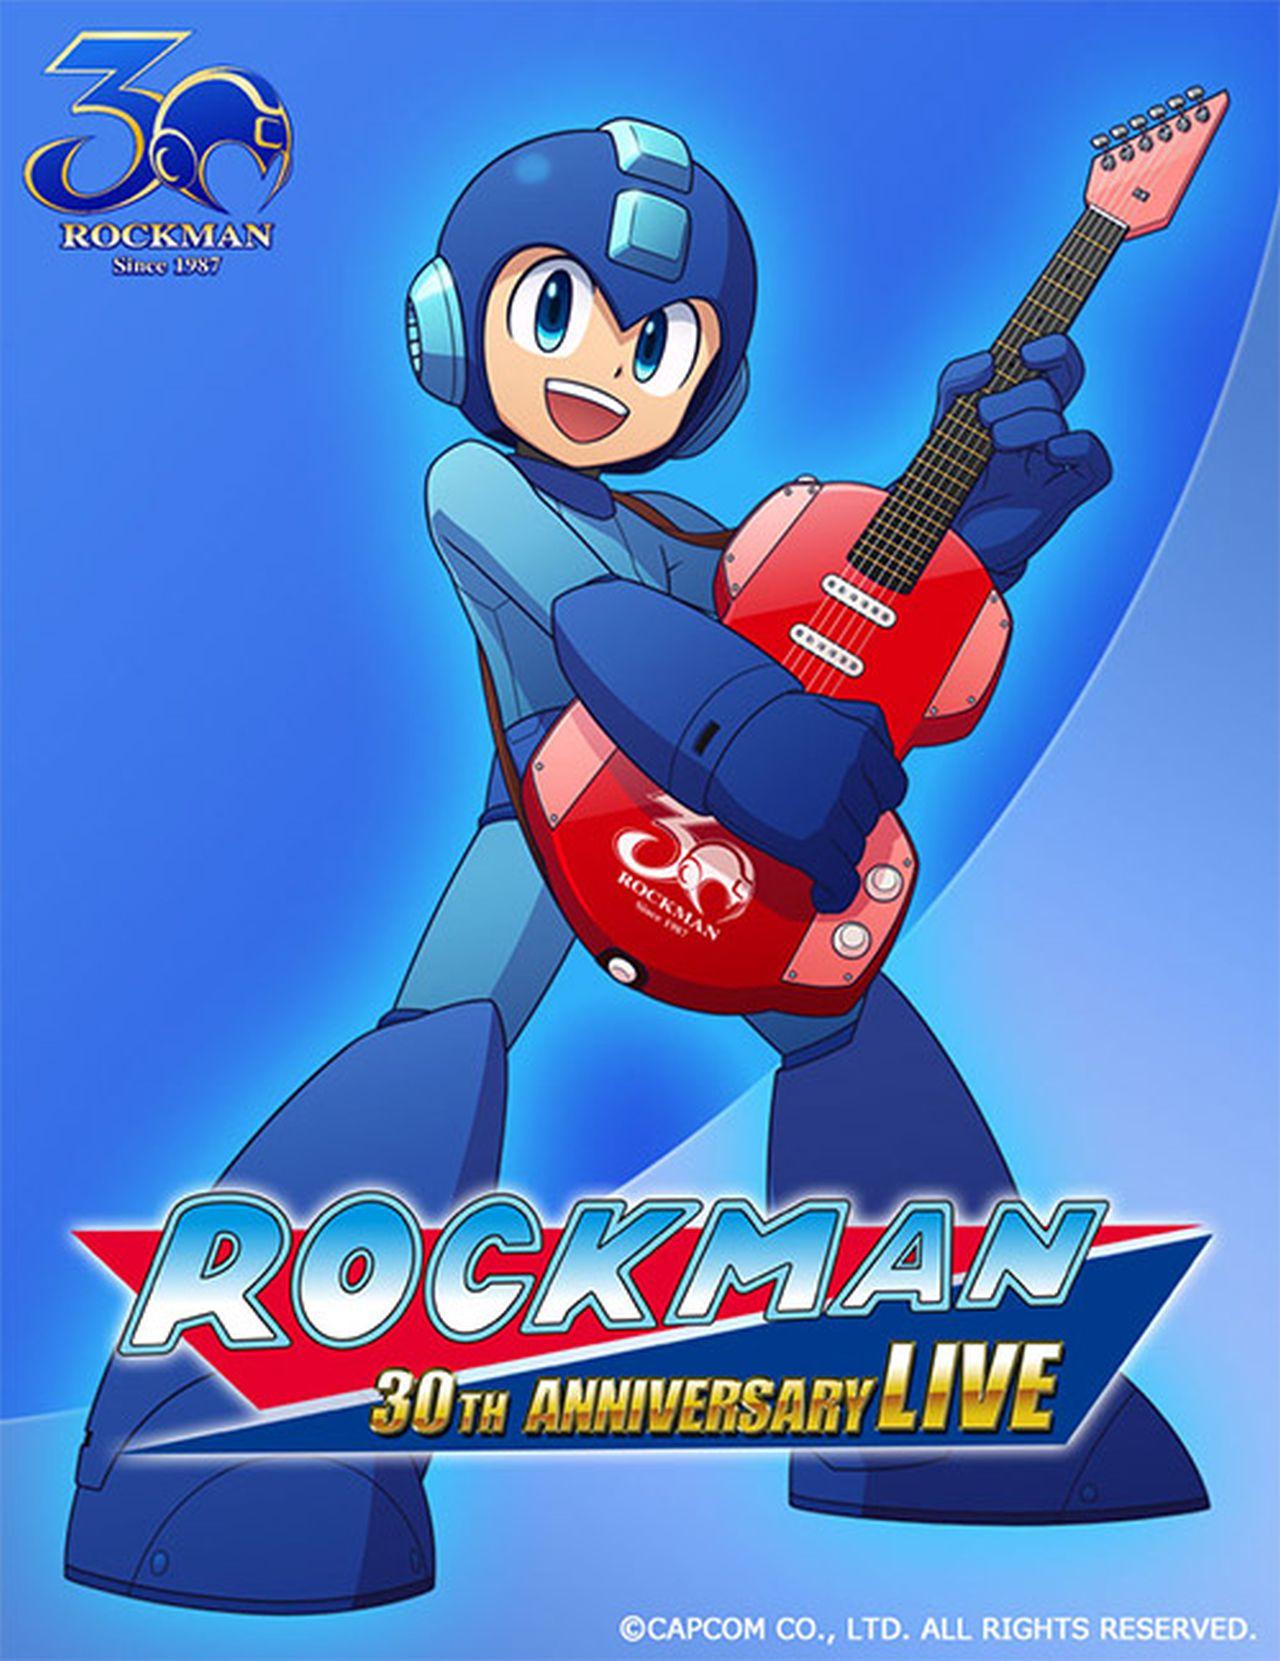 Mega Man: annunciato un concerto per il trentesimo anniversario